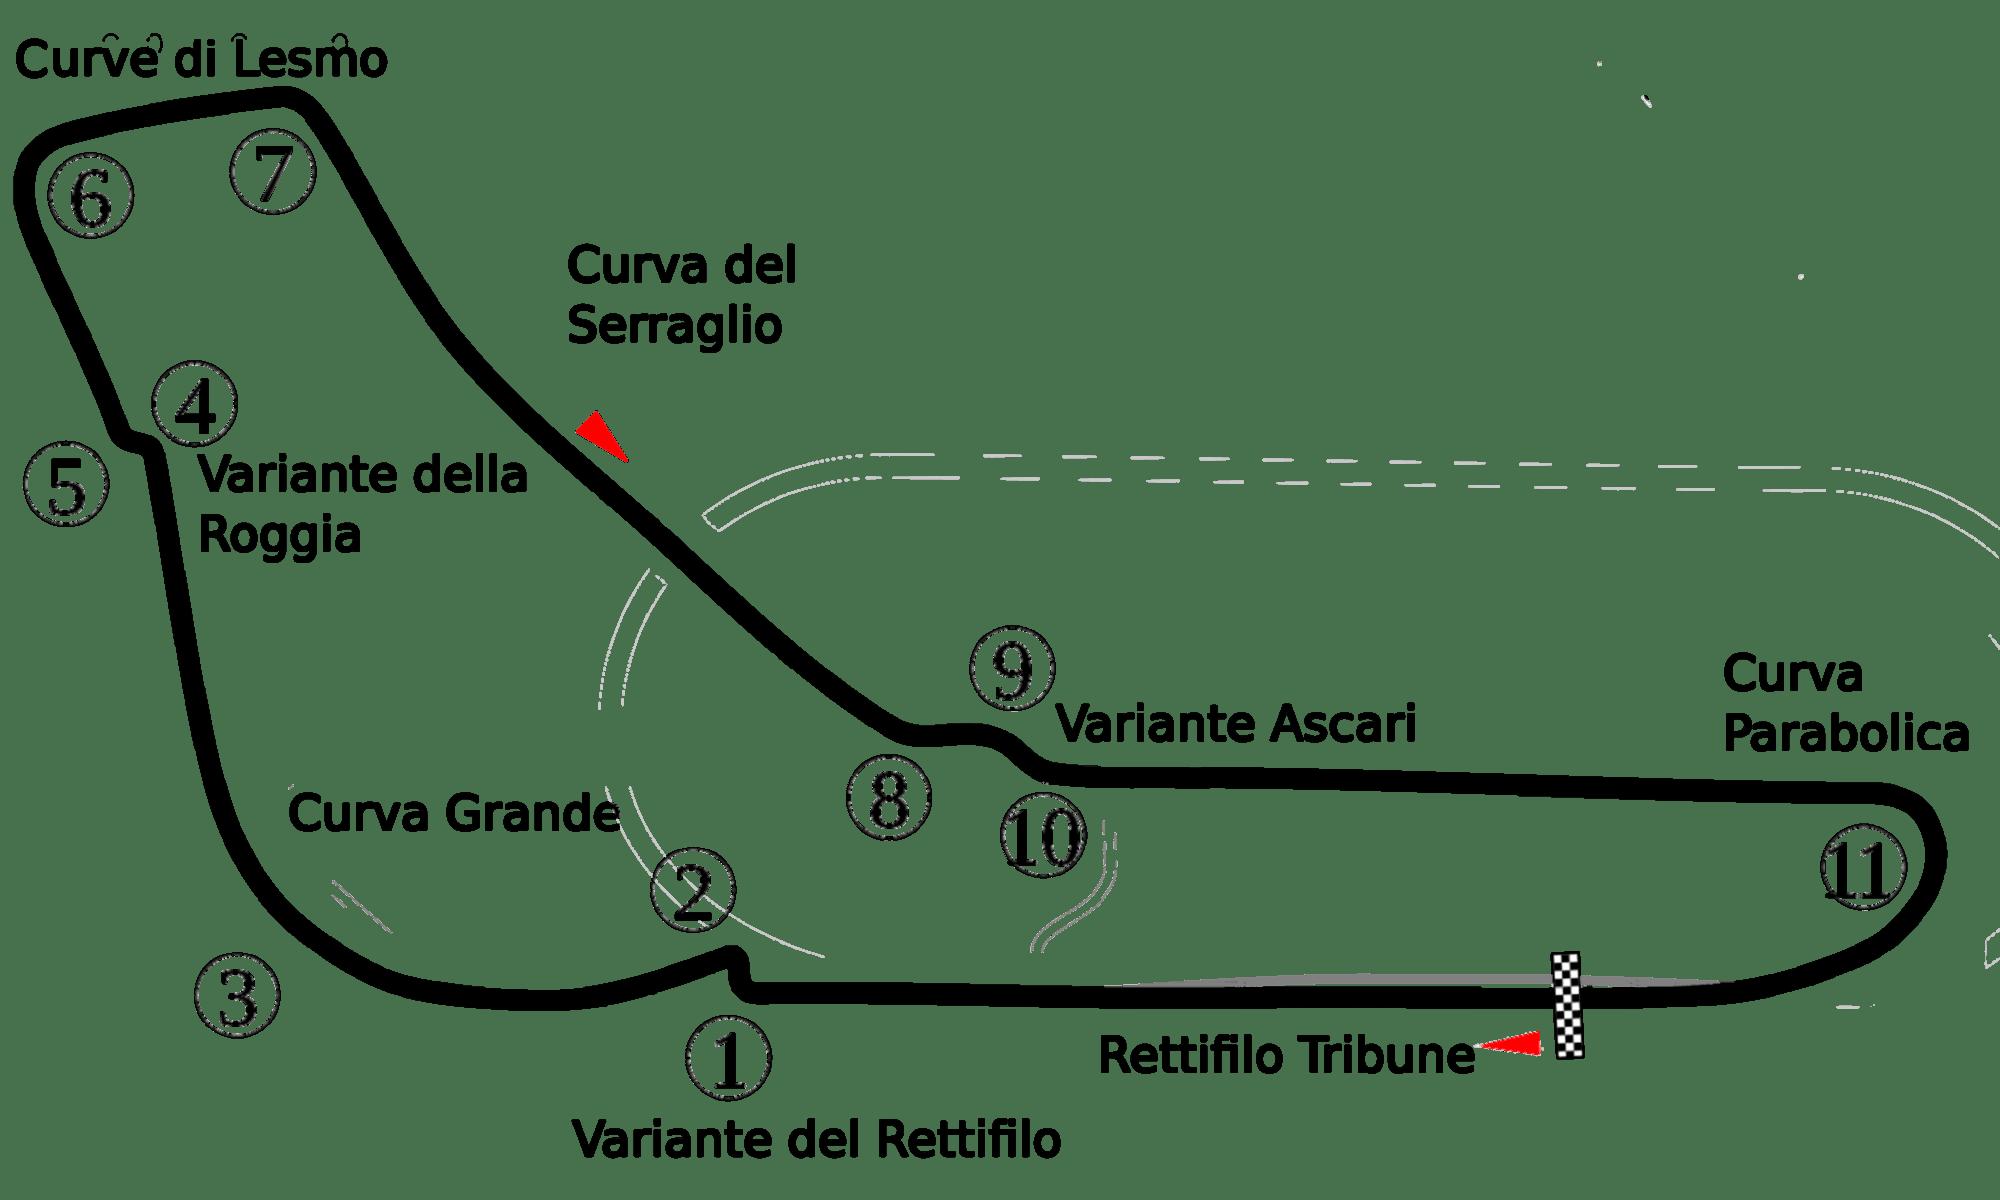 Formula 1 Circuit Diagram